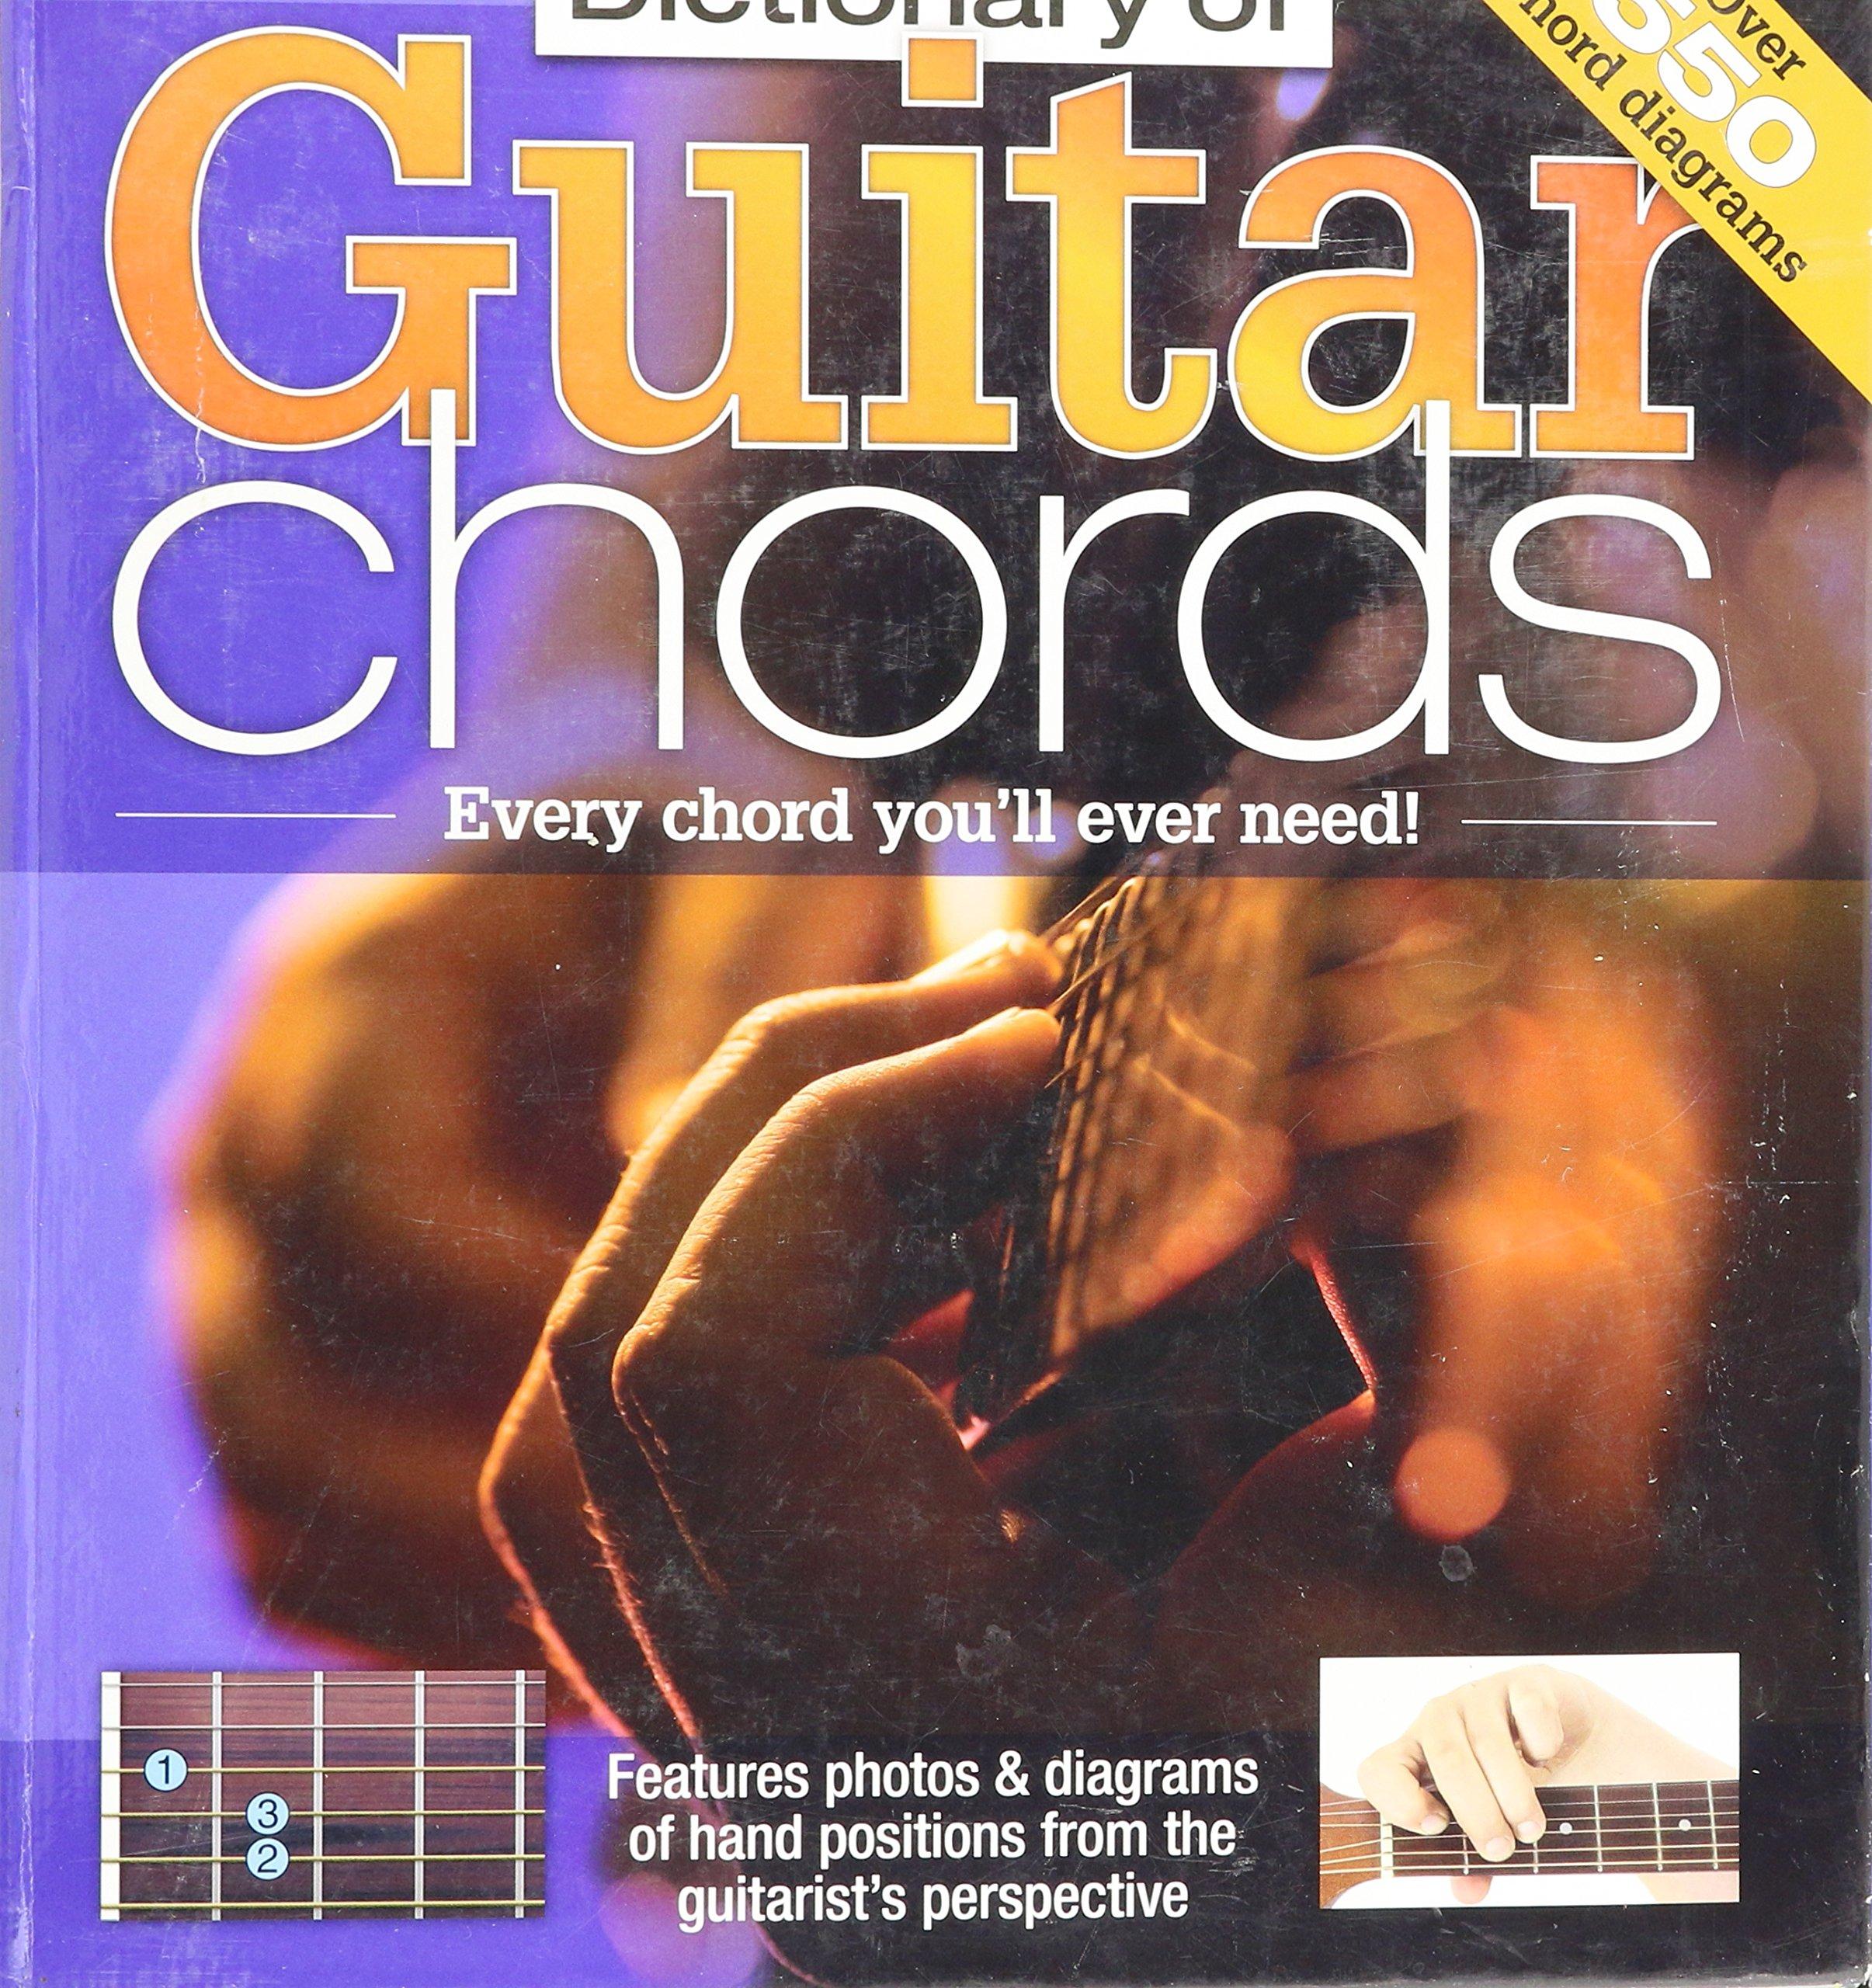 Dictionary of Guitar Chords: 9781741857405: Amazon com: Books